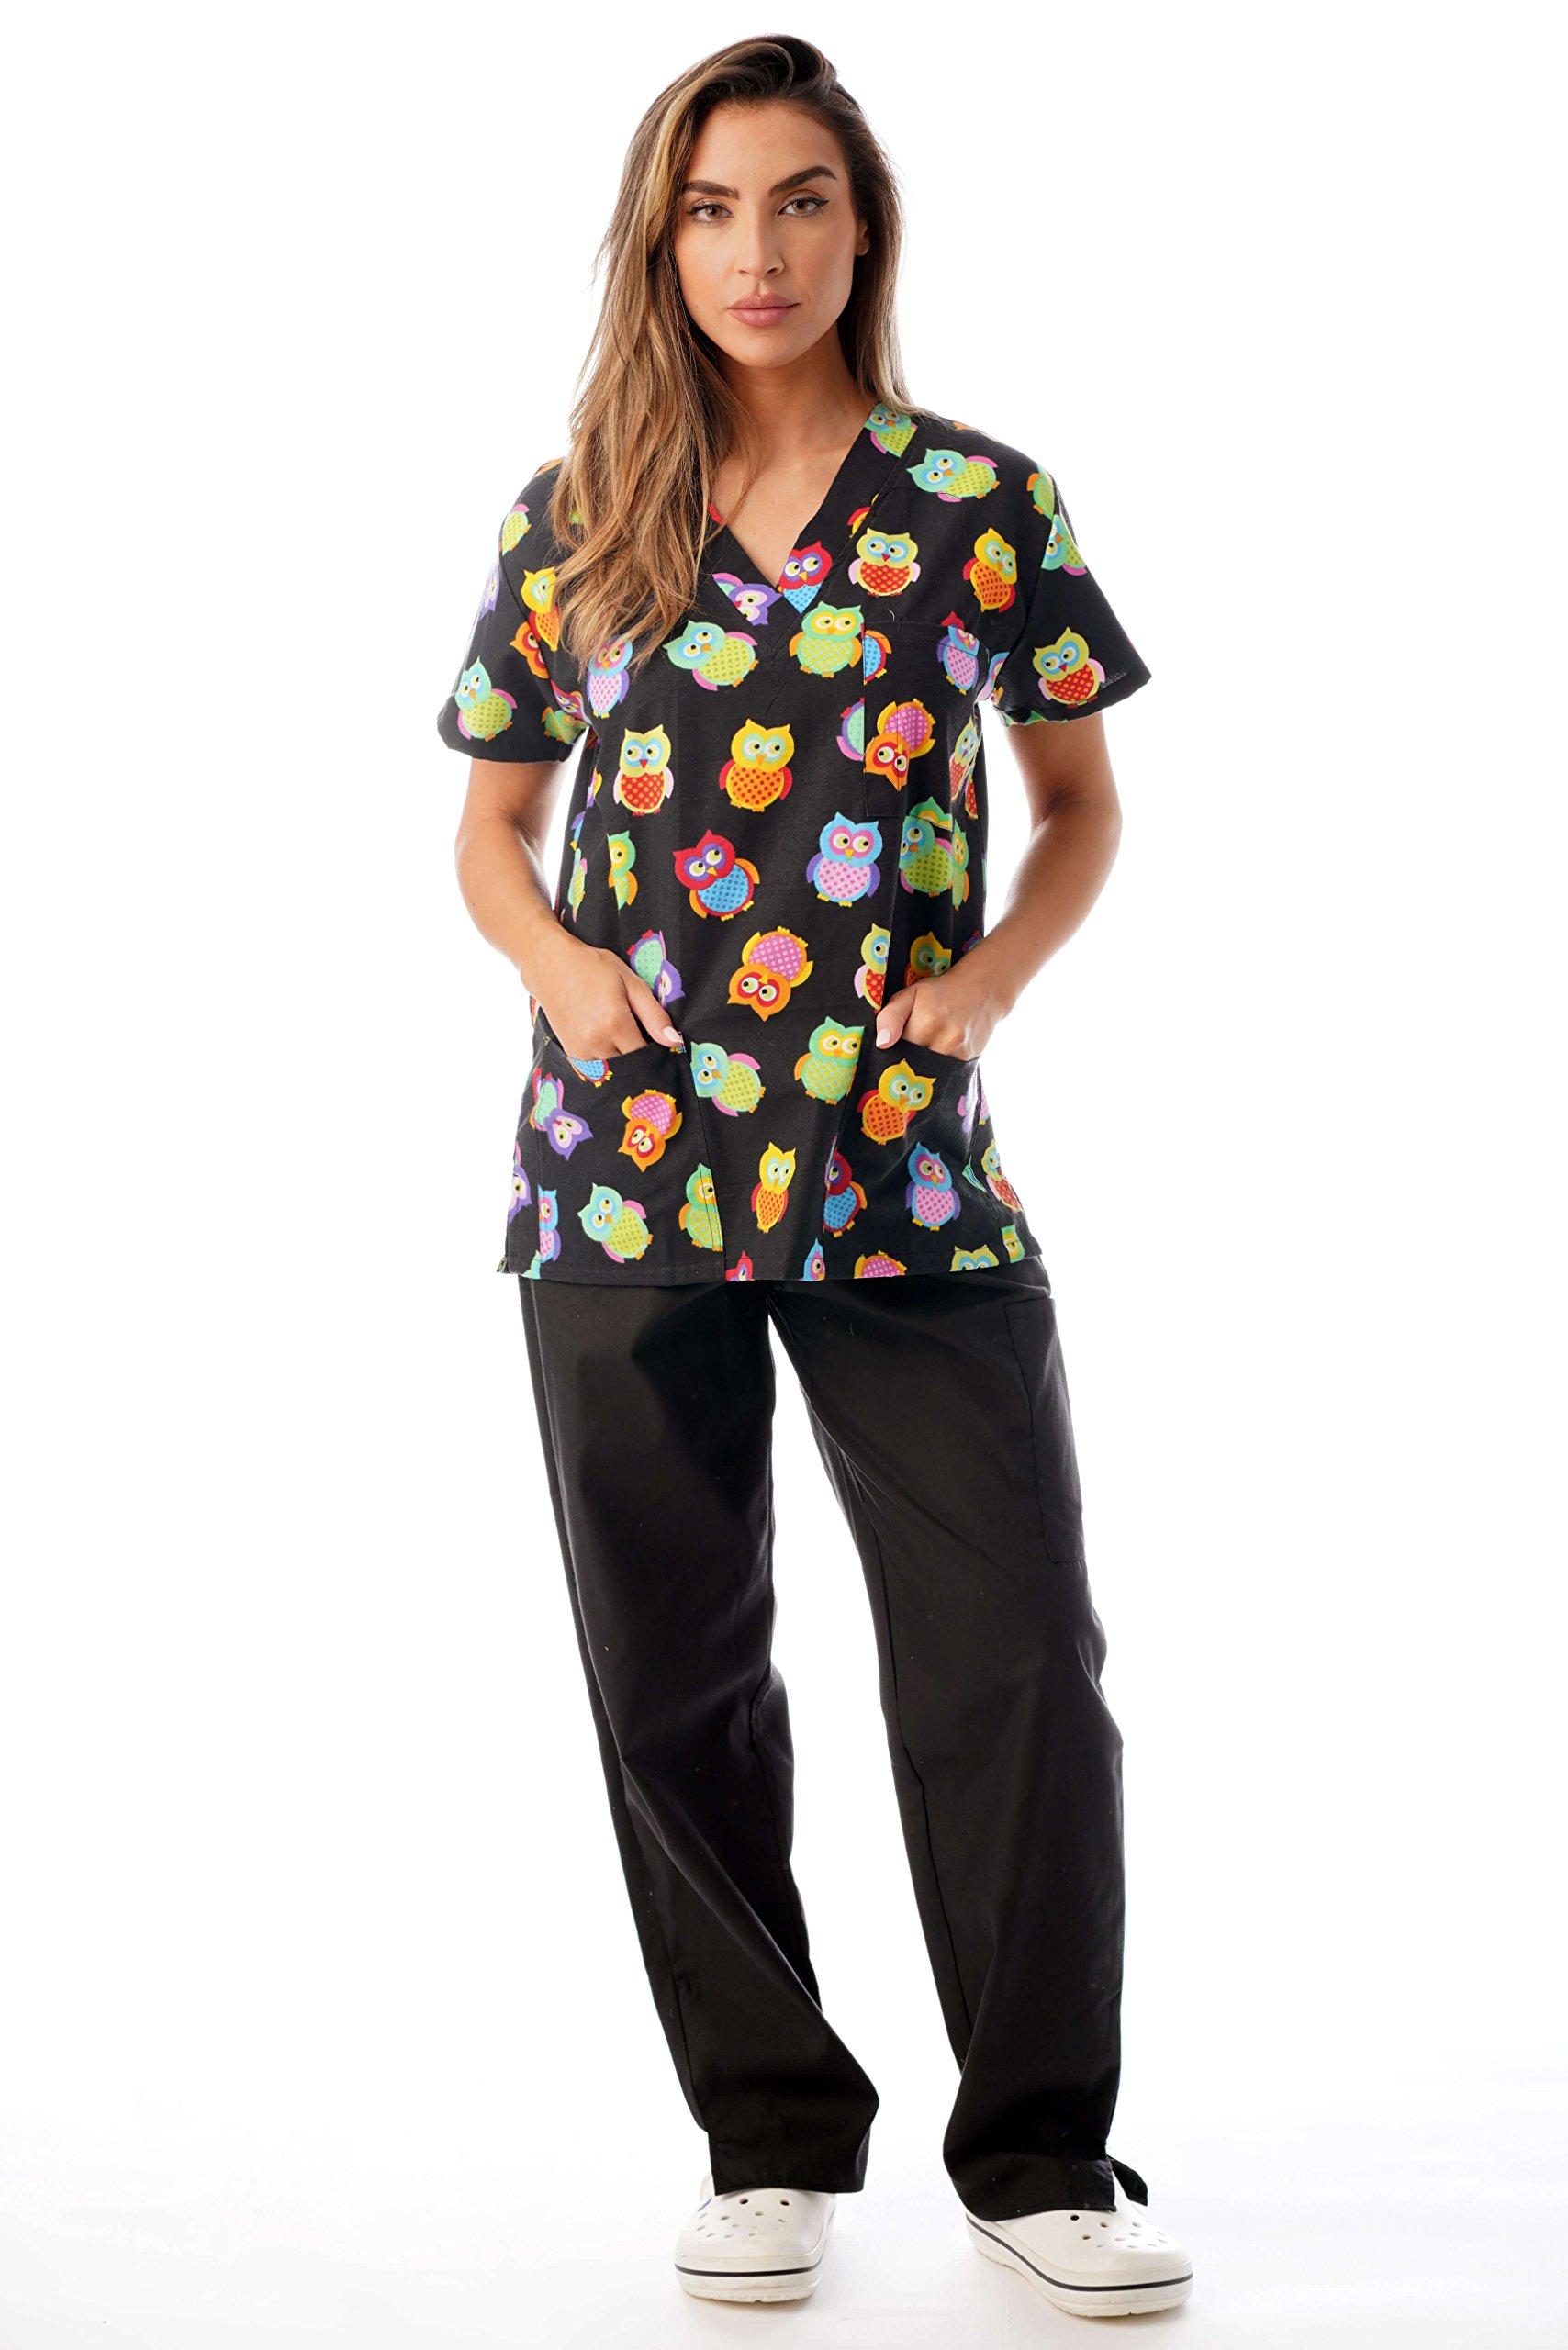 Just Love Nursing Scrubs Set for Women Print Scrubs 1311V-10292-S